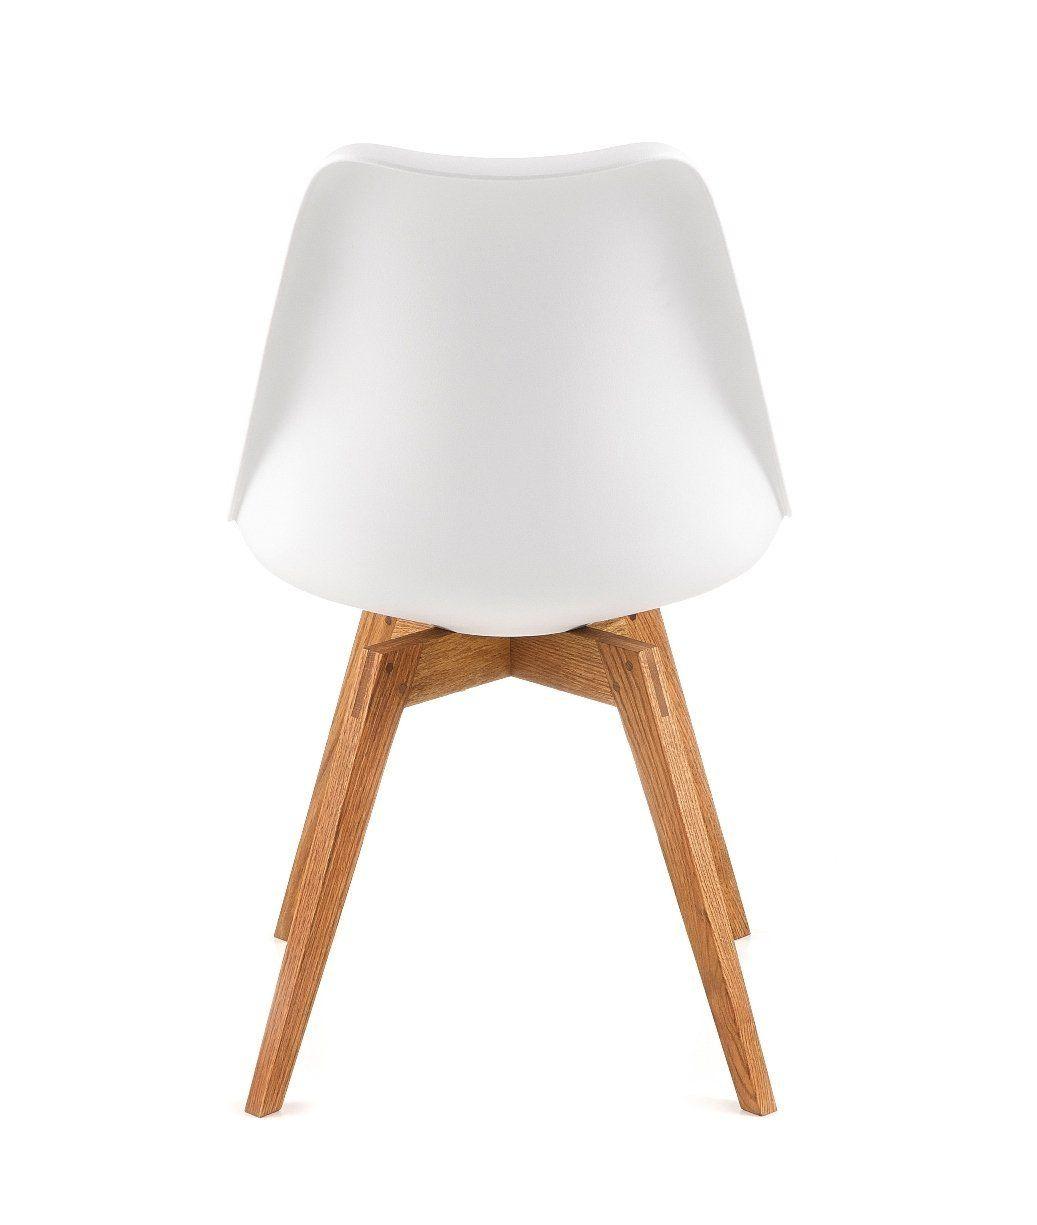 Malerisch Küchen Und Esszimmerstühle Referenz Von Designbotschaft: Davos Stuhl Weiß/grau/ Eiche - Esszimmerstühle